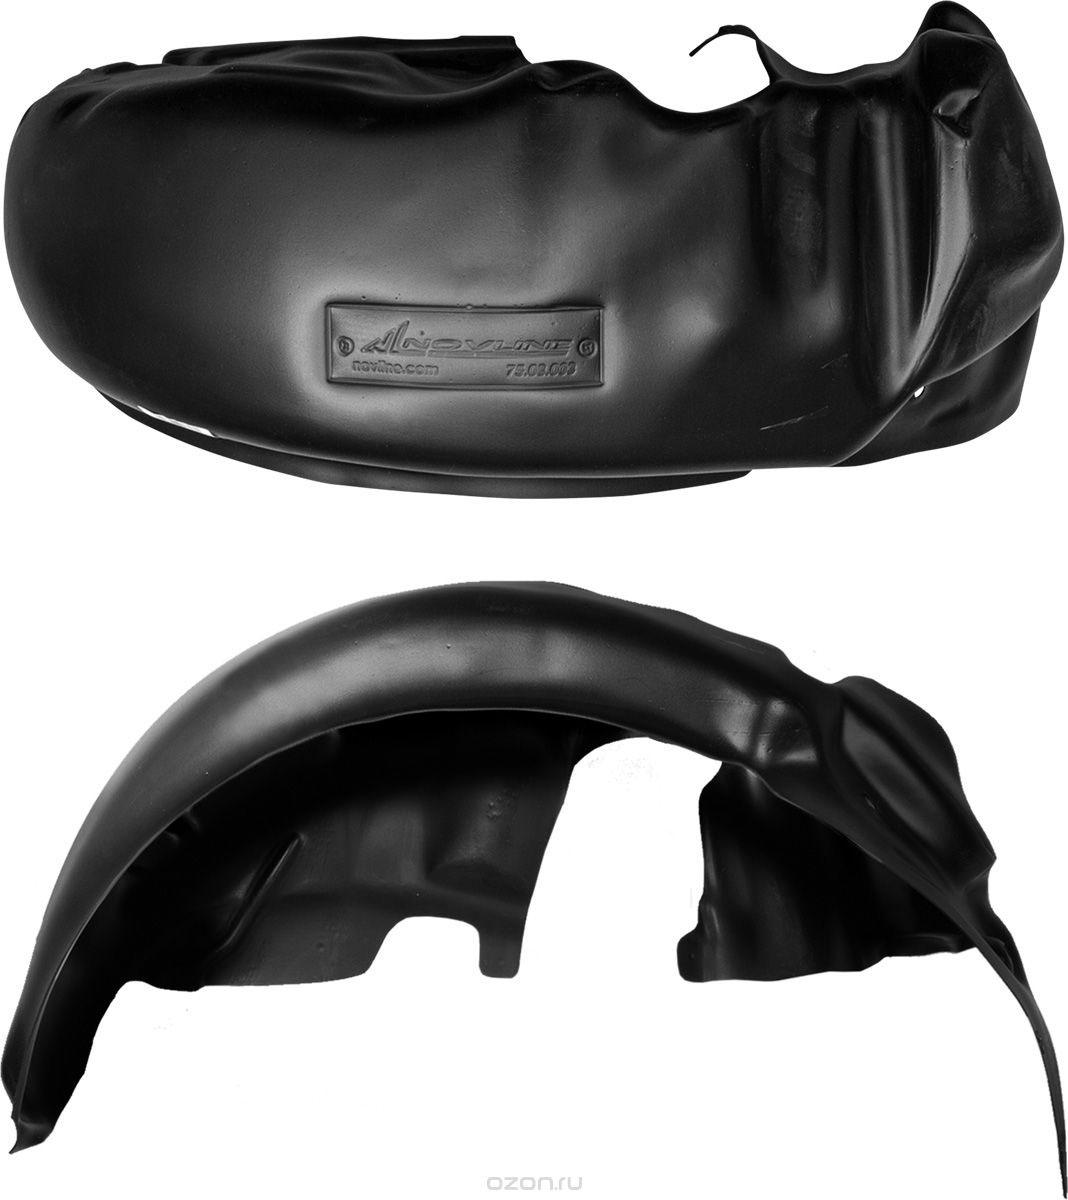 Подкрылок Novline-Autofamily, для TOYOTA Verso , 2012->, передний левыйNLL.48.55.001Идеальная защита колесной ниши. Локеры разработаны с применением цифровых технологий, гарантируют максимальную повторяемость поверхности арки. Изделия устанавливаются без нарушения лакокрасочного покрытия автомобиля, каждый подкрылок комплектуется крепежом. Уважаемые клиенты, обращаем ваше внимание, что фотографии на подкрылки универсальные и не отражают реальную форму изделия. При этом само изделие идет точно под размер указанного автомобиля.